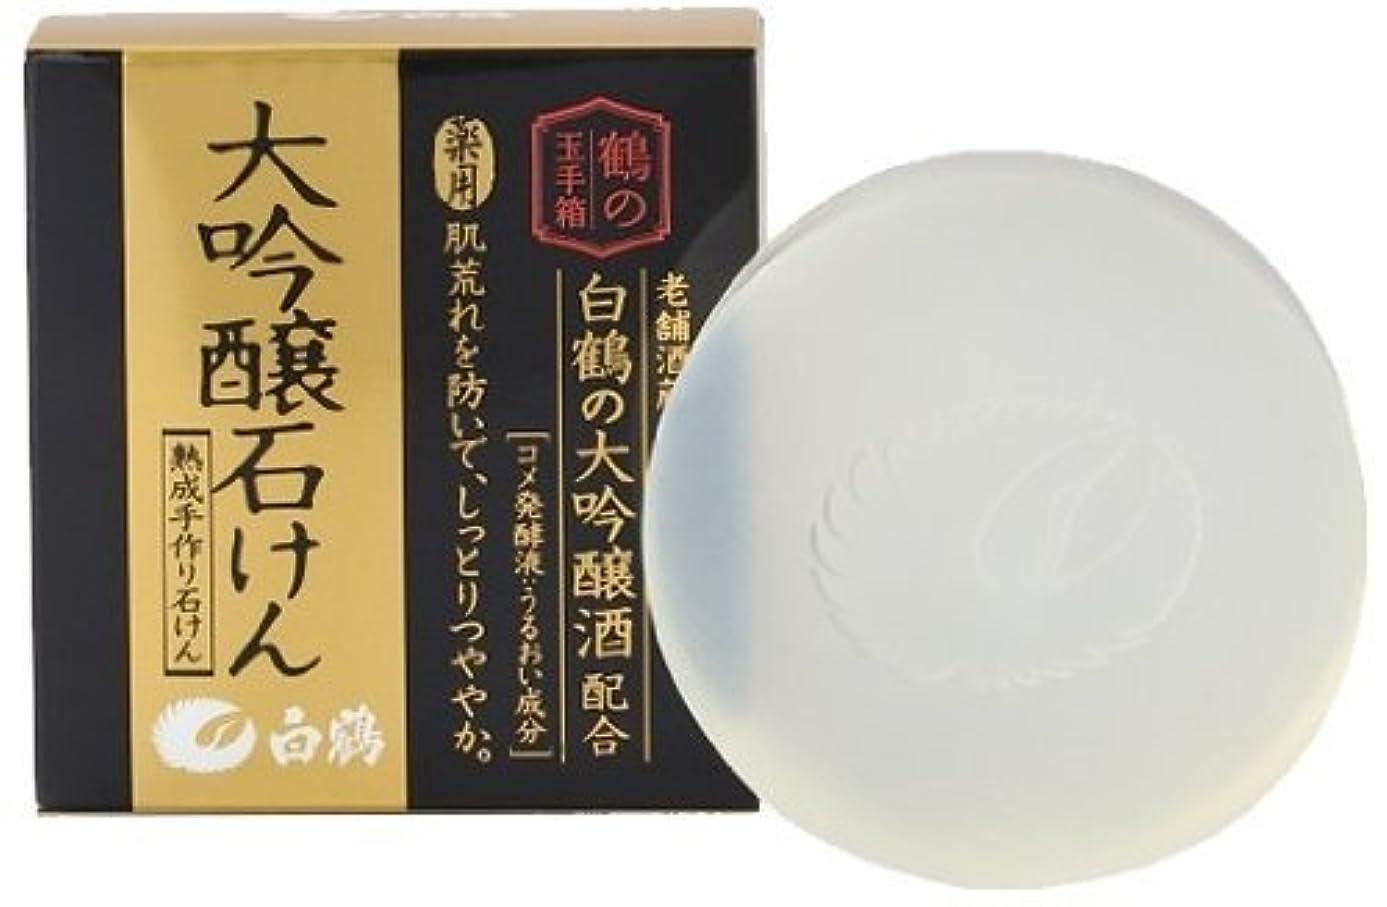 食品不名誉な感じ白鶴 鶴の玉手箱 大吟醸石けん 100g × 10個 (薬用)(医薬部外品)